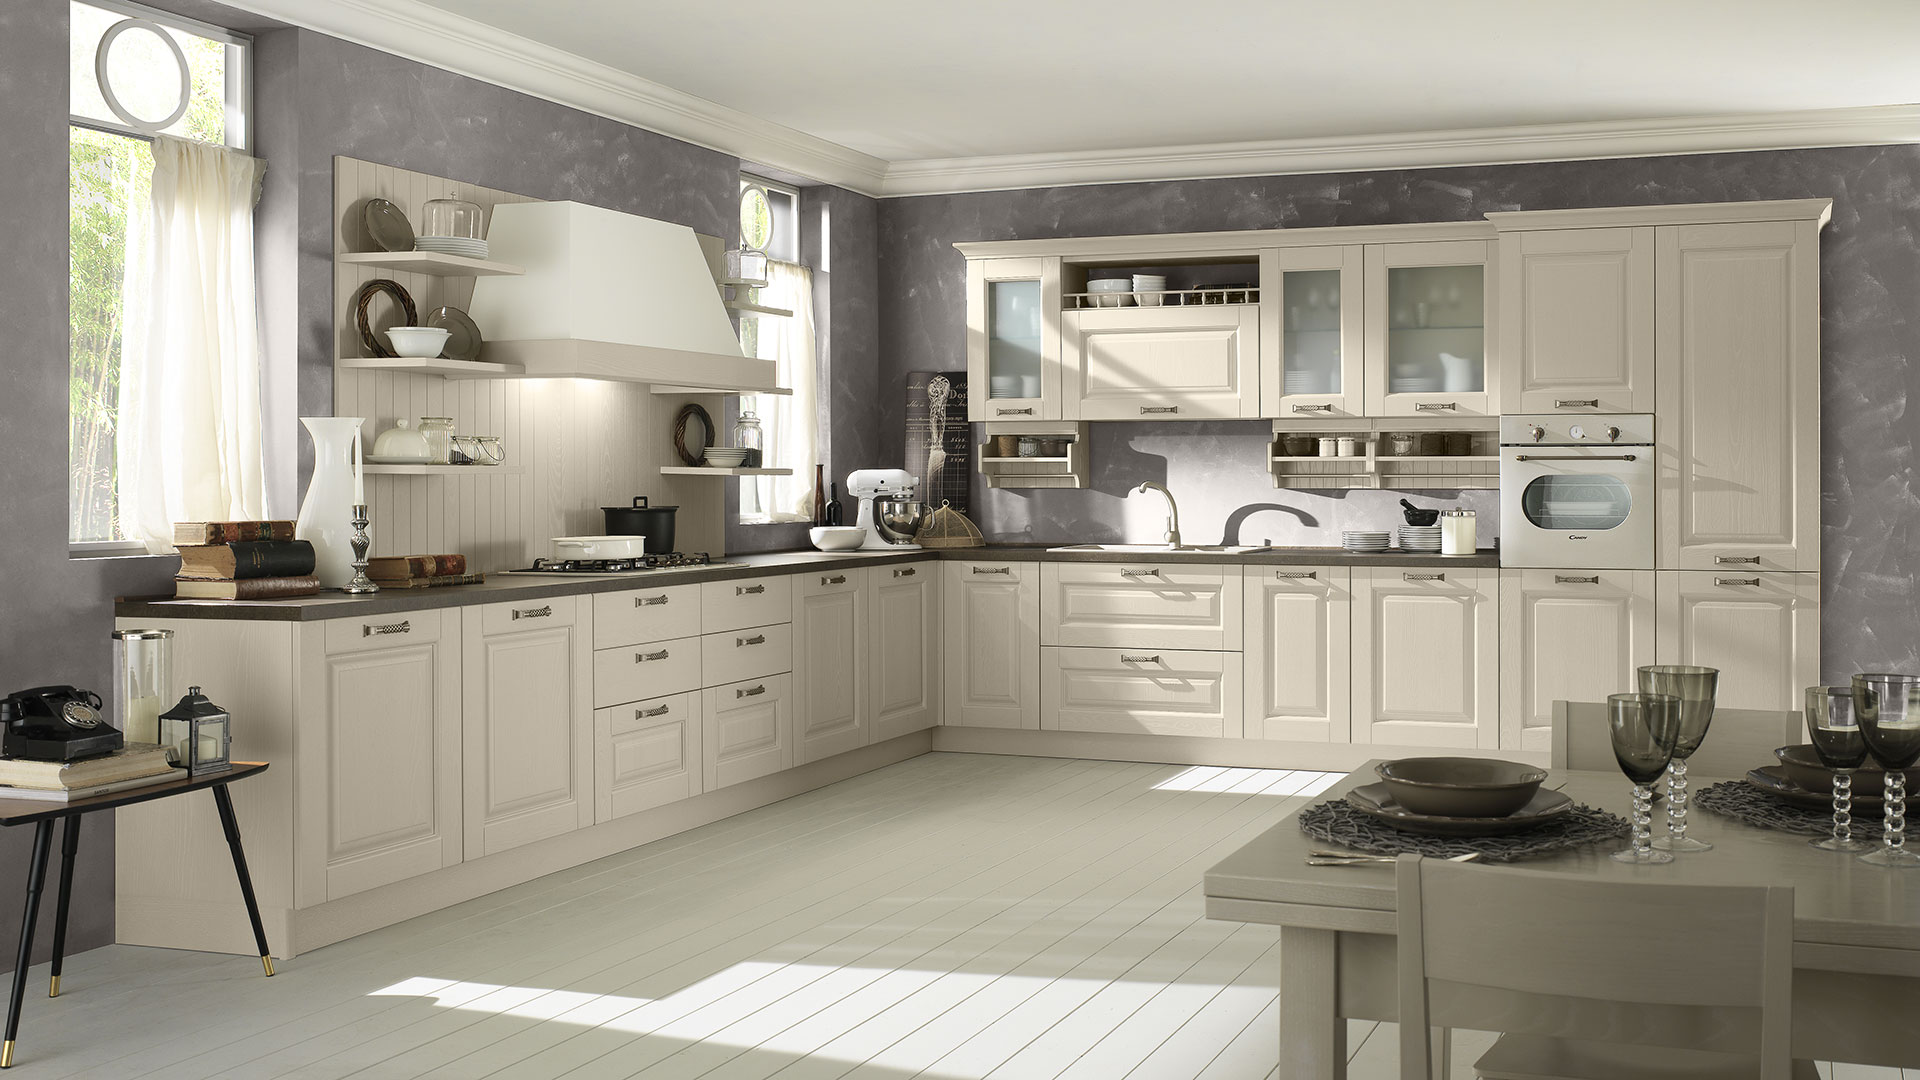 Cucine classiche in legno massello telma evo cucine for Immagini per cucina